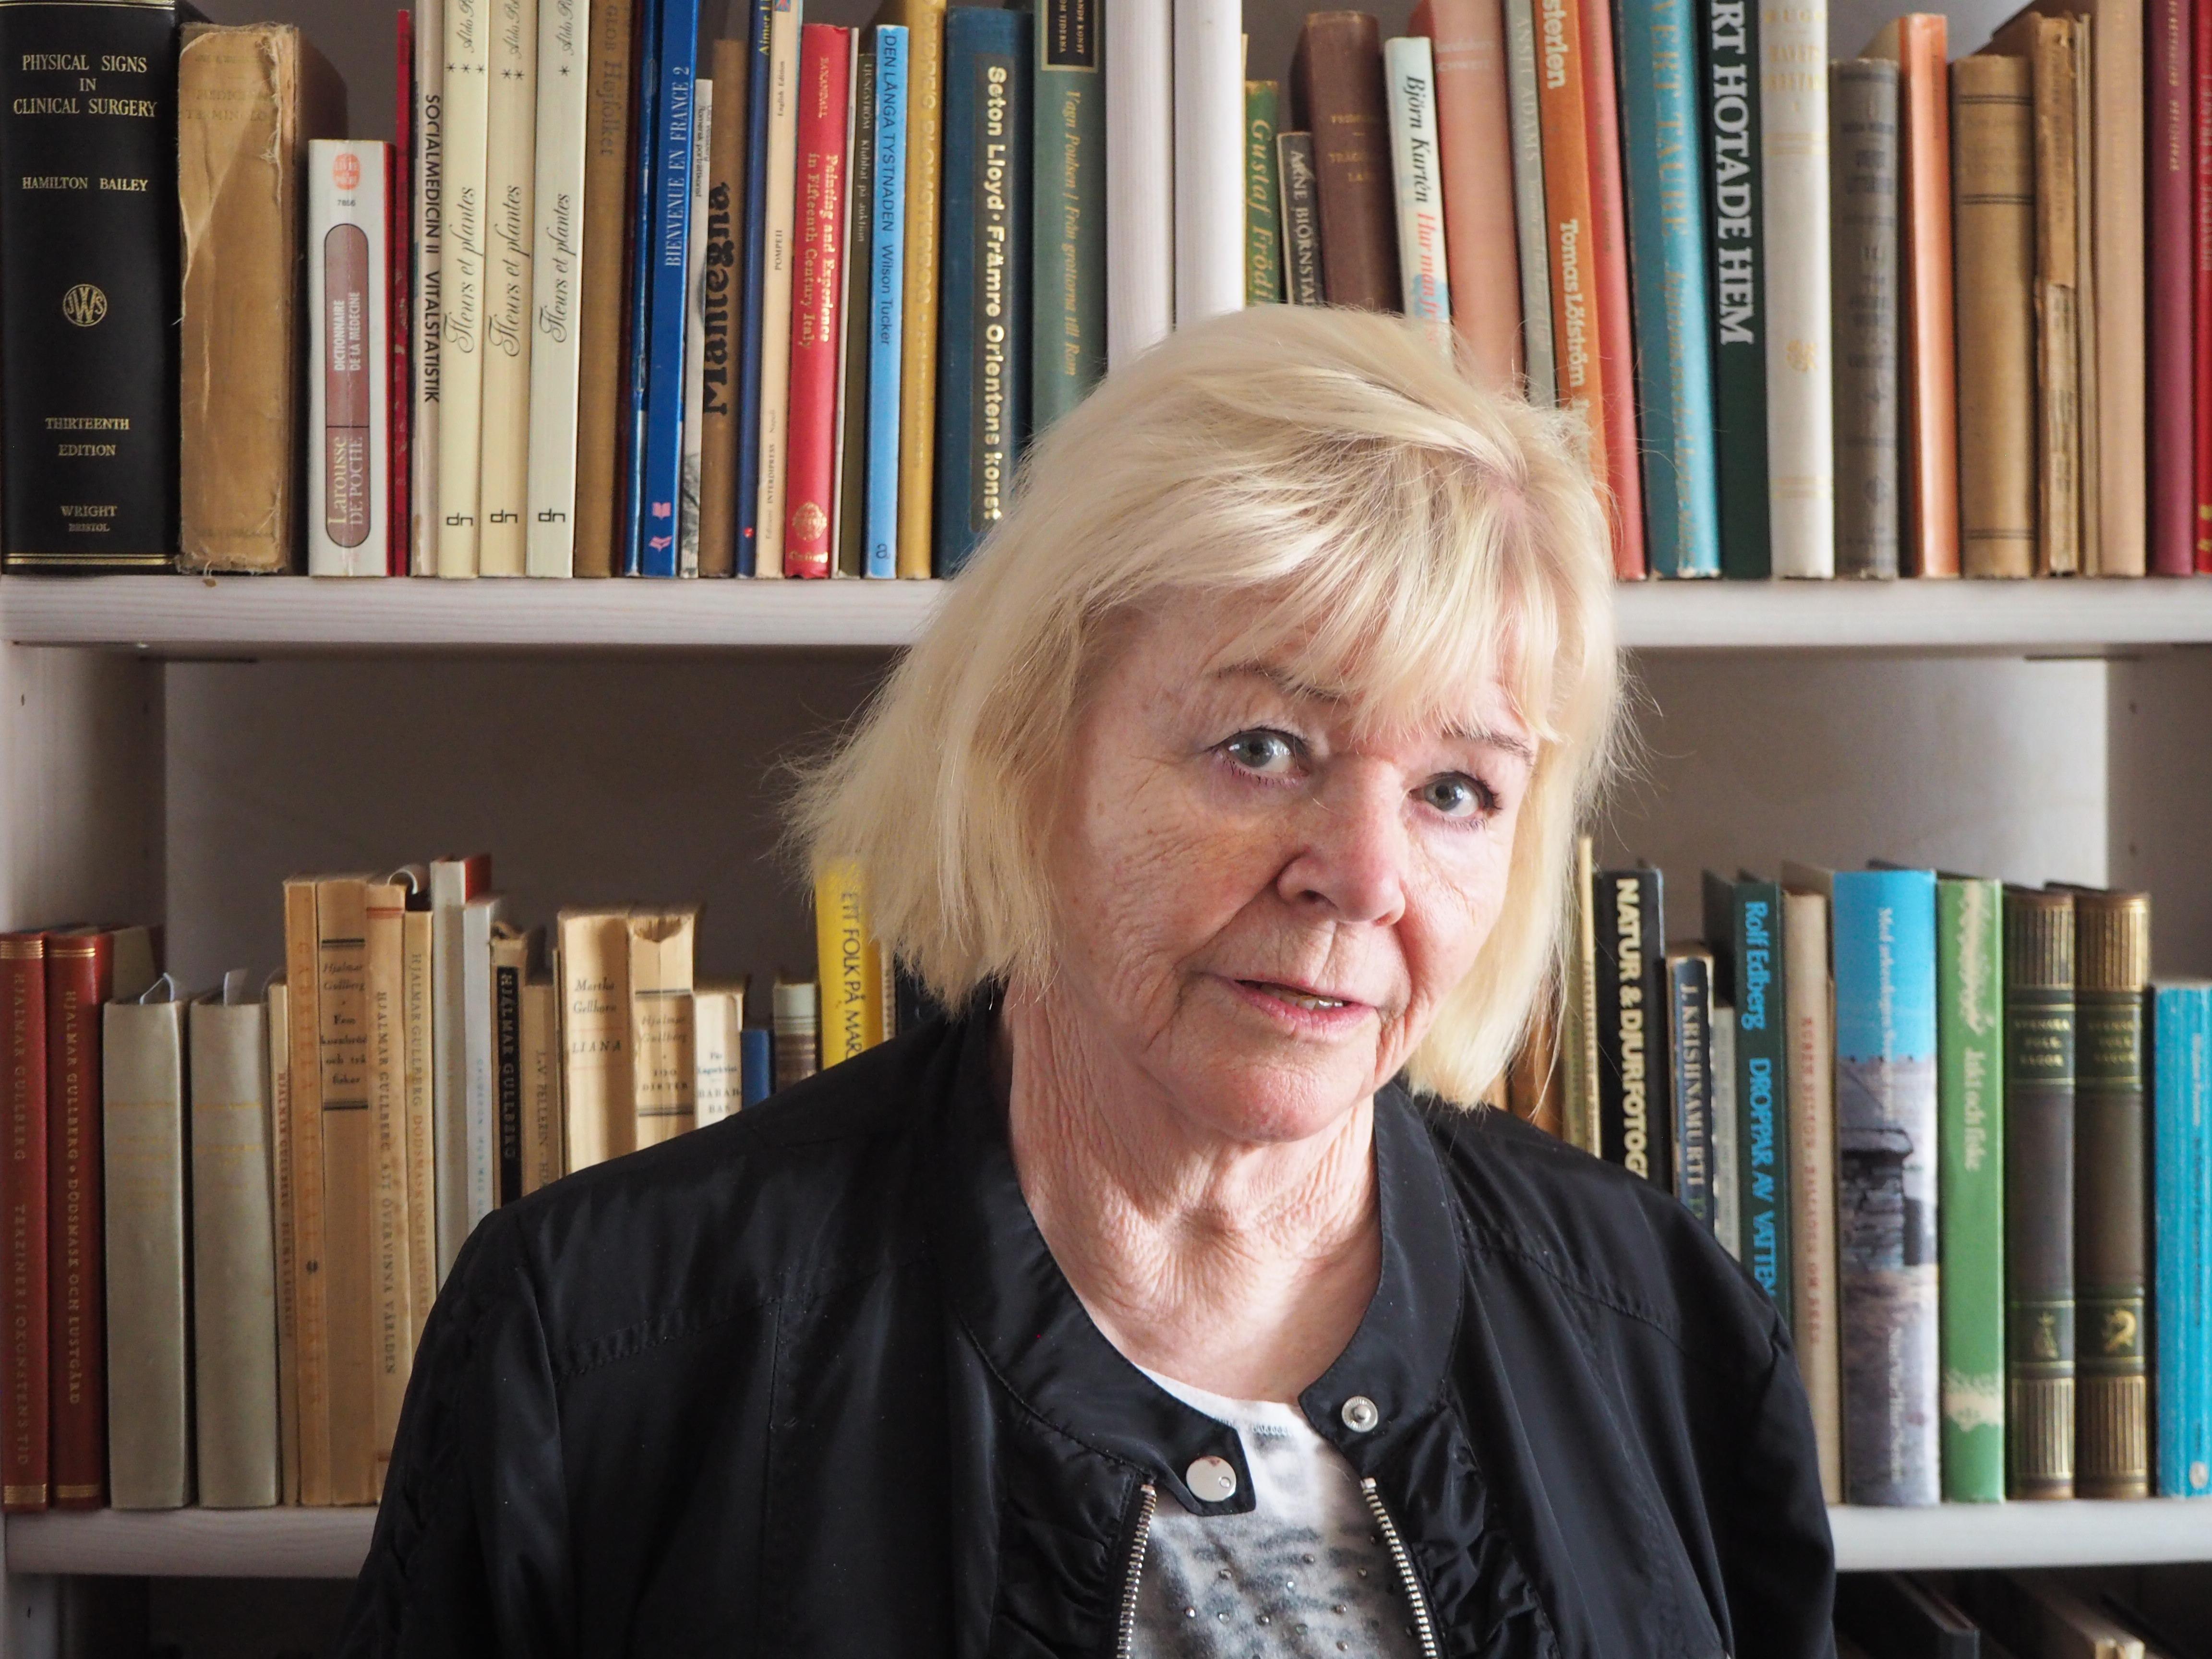 Magdalena Stjernberg tilldelas årets Selmapris för Den sista pandemin Del 1 – Fäboden